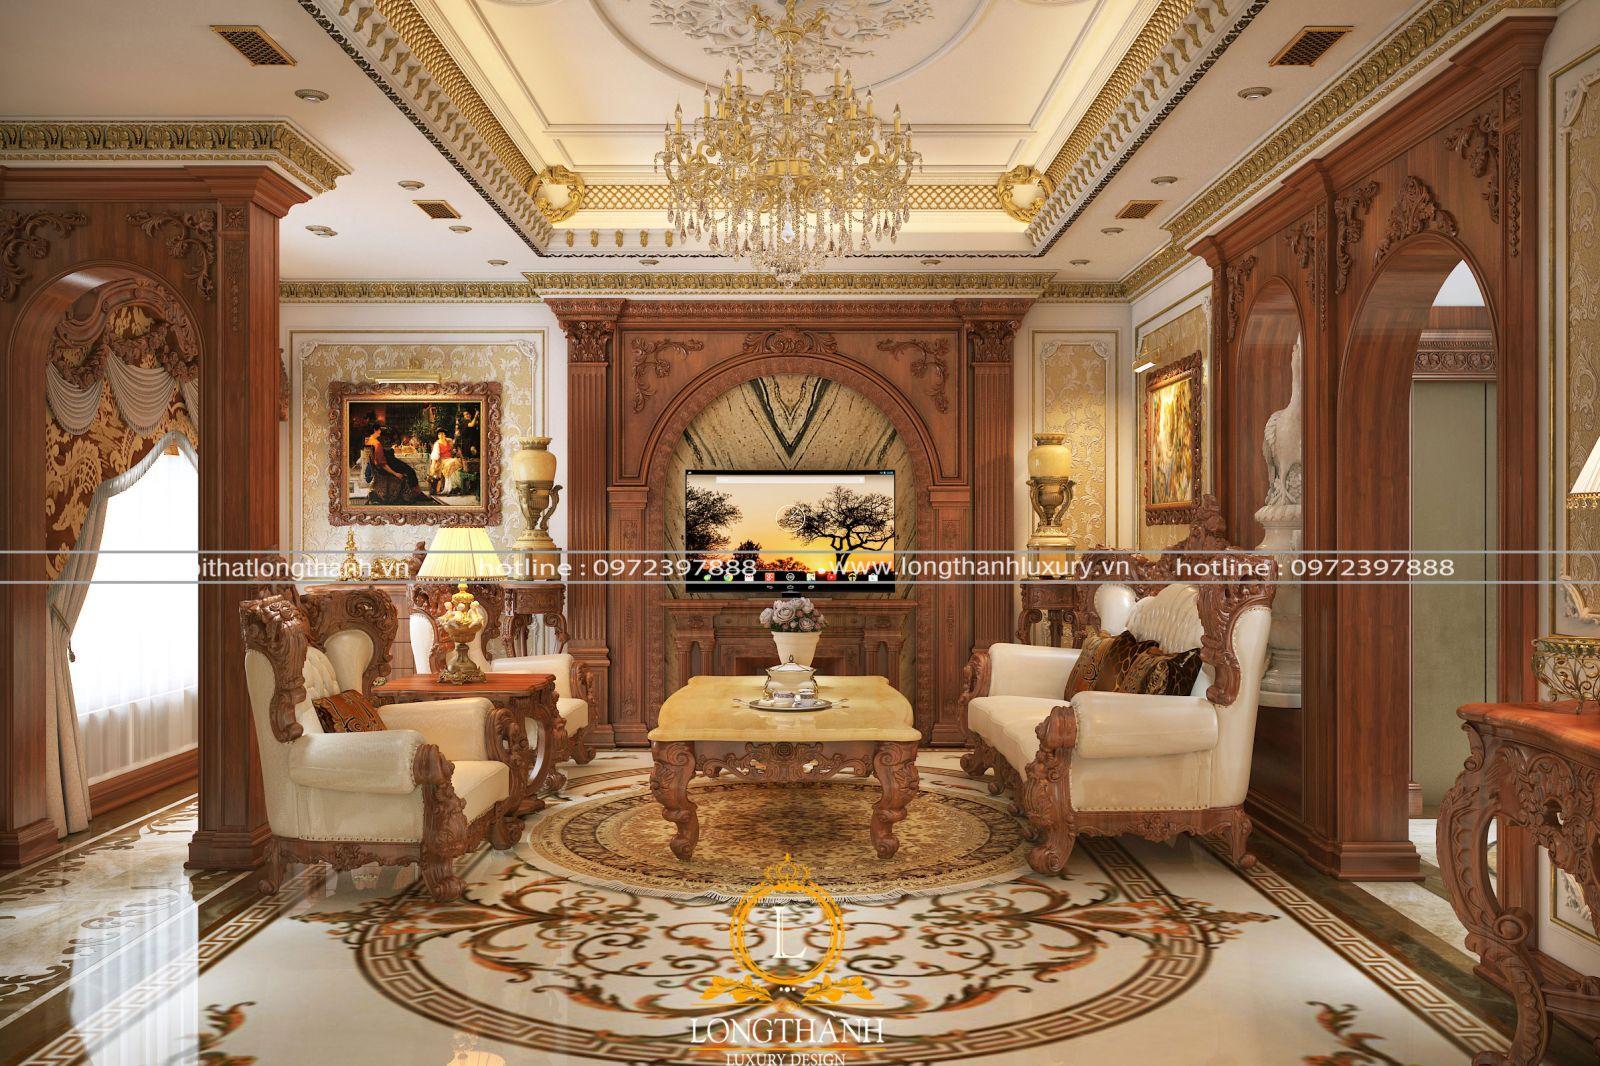 Mẫu phòng khách biệt thự đẹp sang trọng hiện đại nhiều người yêu thích